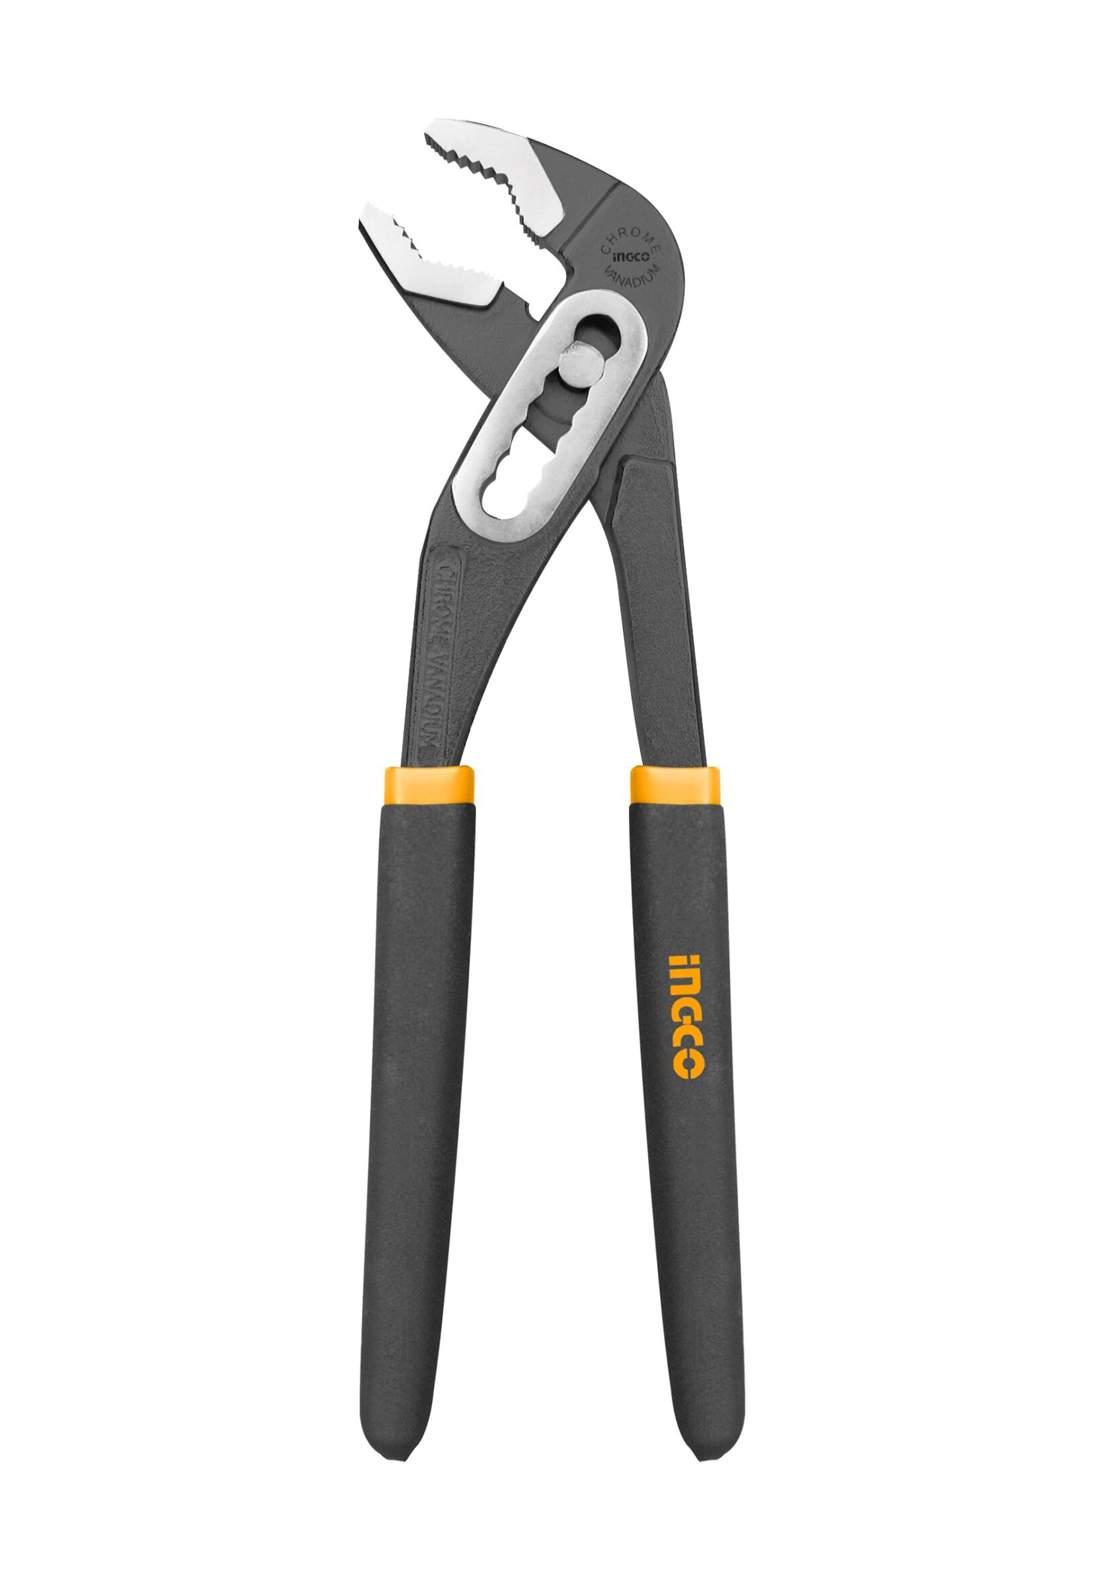 Ingco HPP03300 Pump pliers 300 mm كماشة (قارصة)